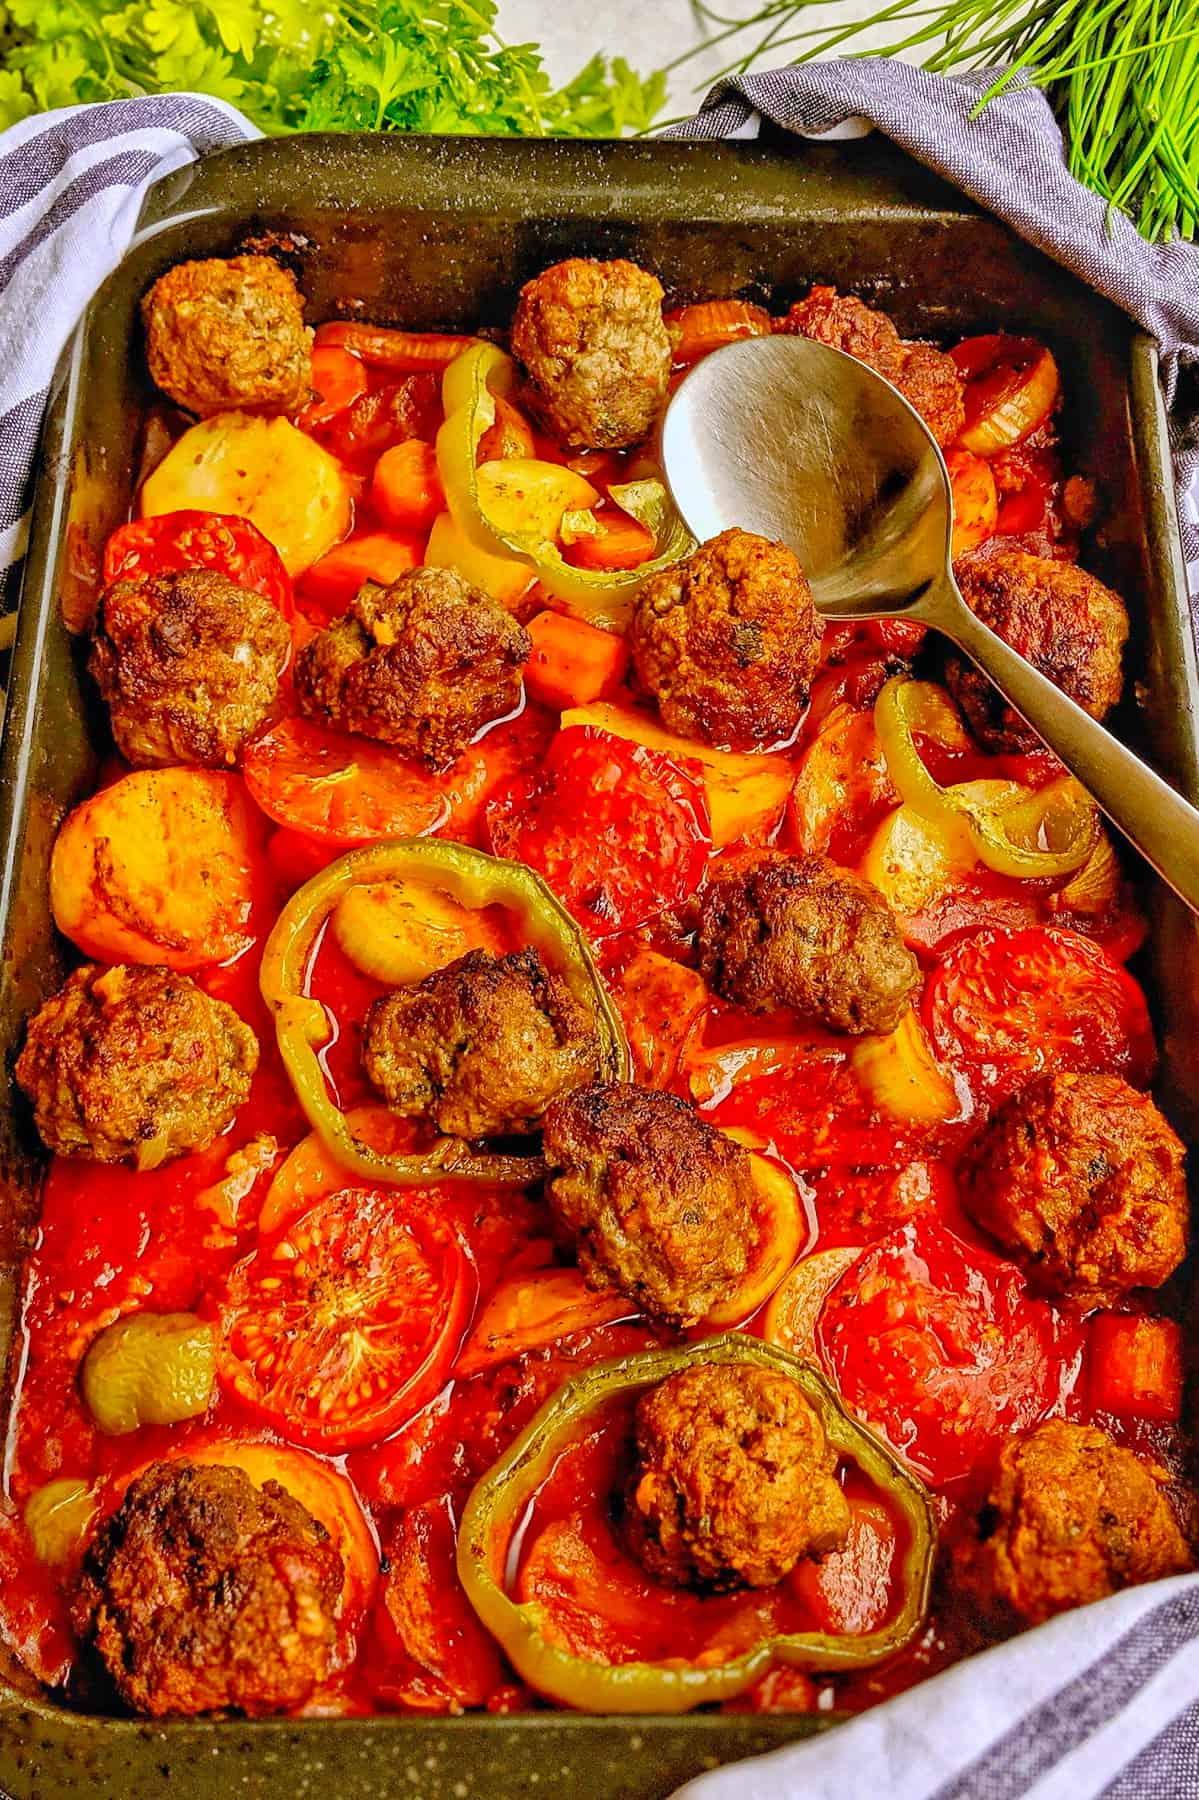 Eine Auflaufform mit Gebackene Kartoffeln in Tomatensoße mit Hackbällchen und Gemüse.